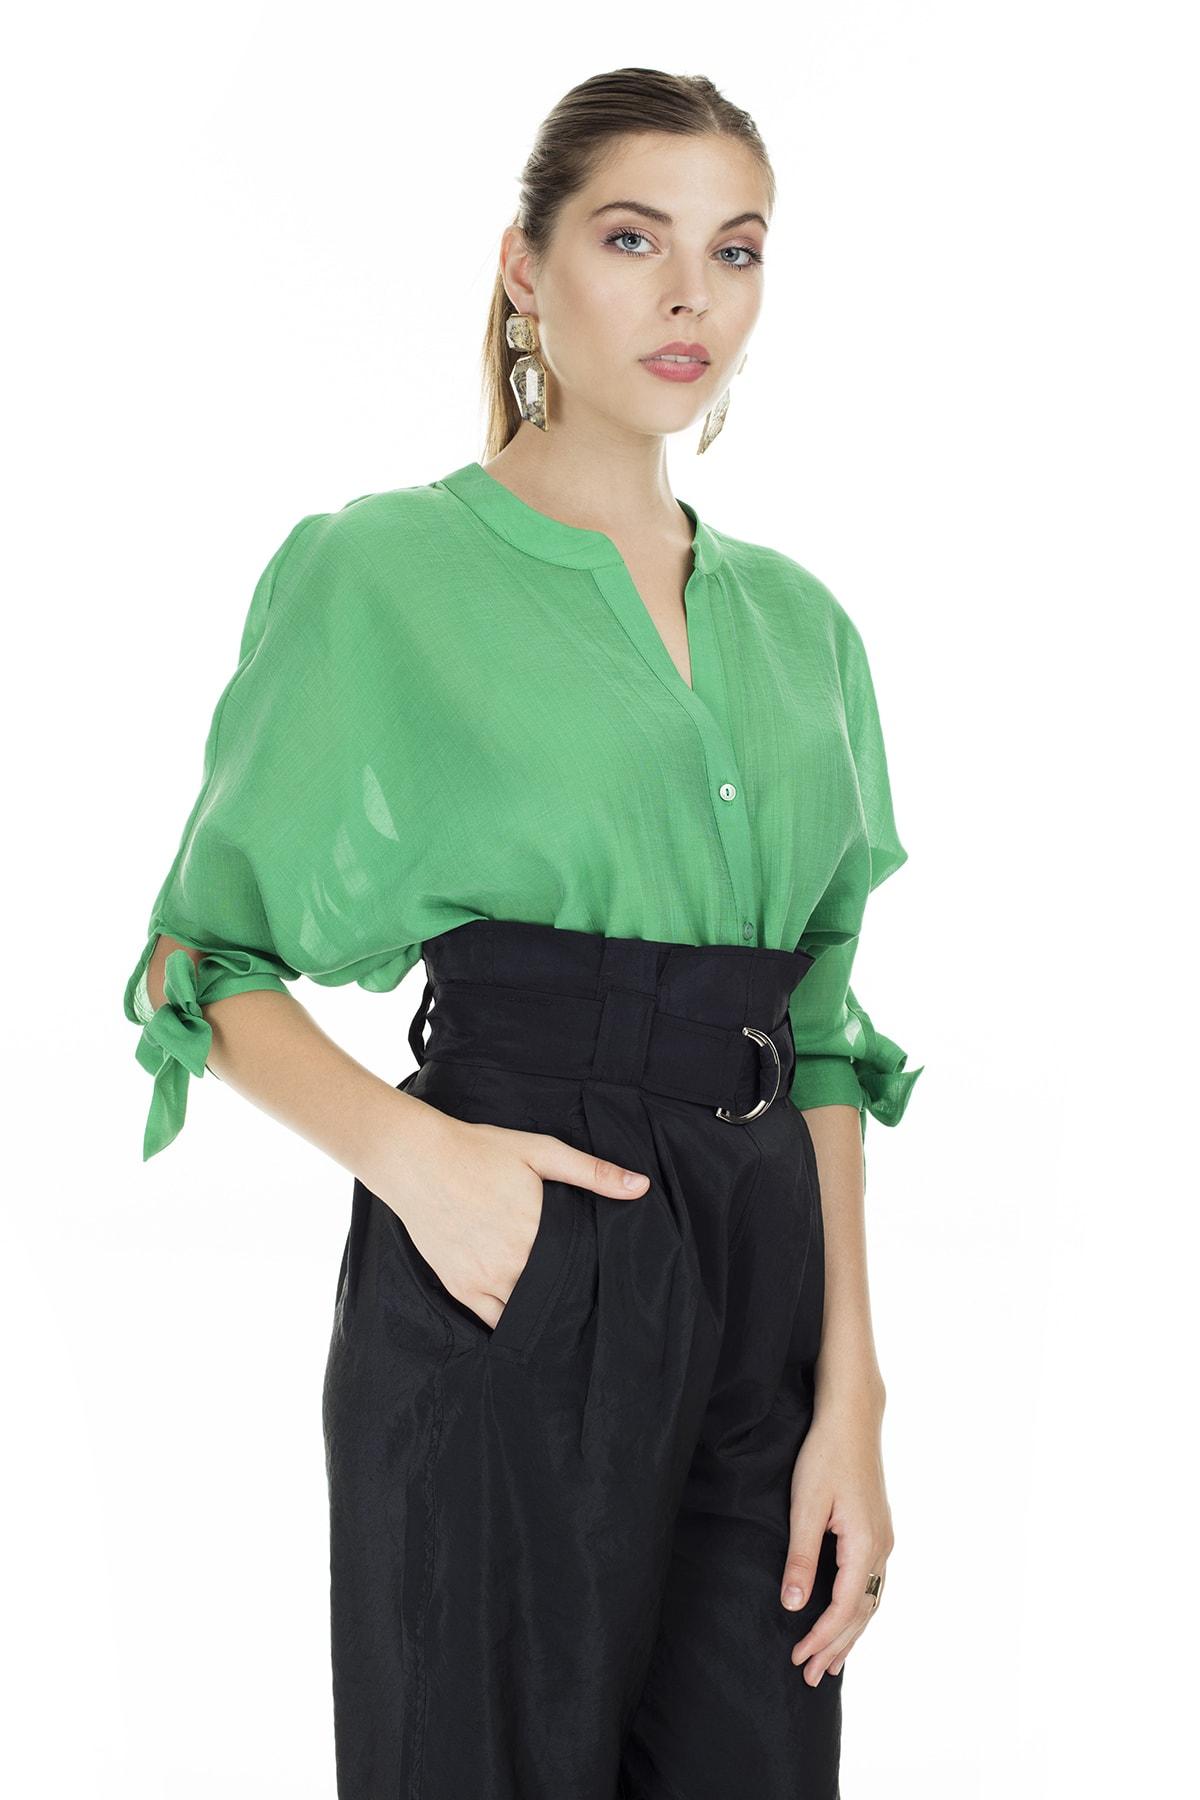 Ayhan Yeşil V Yaka Bağlama Detaylı Bluz Kadın Bluz 04681399